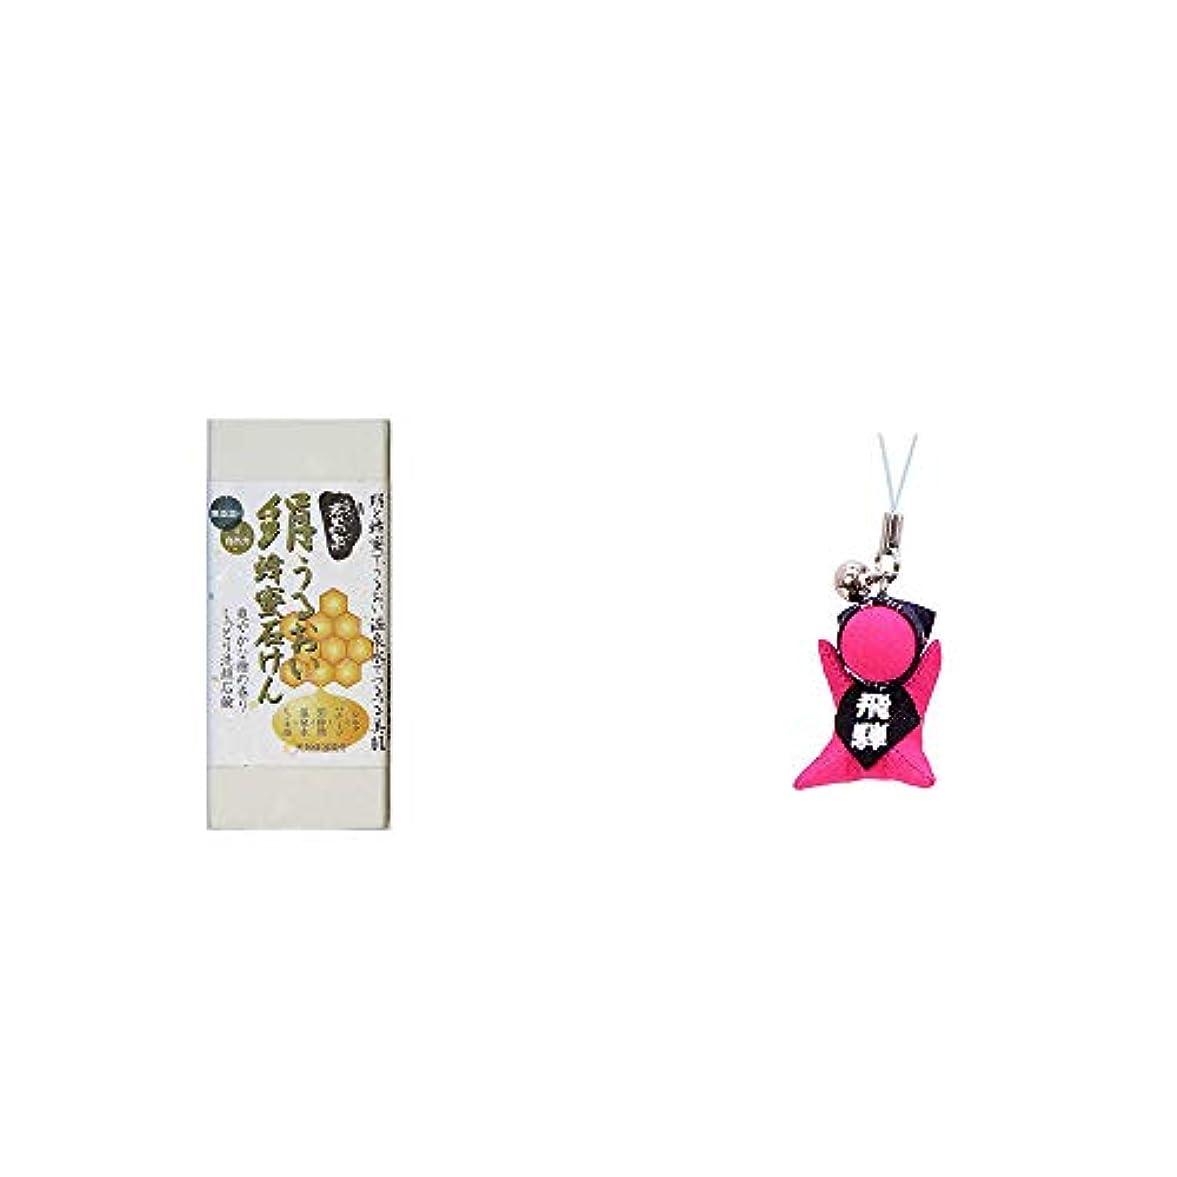 自殺コインランドリーリーン[2点セット] ひのき炭黒泉 絹うるおい蜂蜜石けん(75g×2)?さるぼぼ幸福ストラップ 【ピンク】 / 風水カラー全9種類 縁結び?恋愛(出会い) お守り//